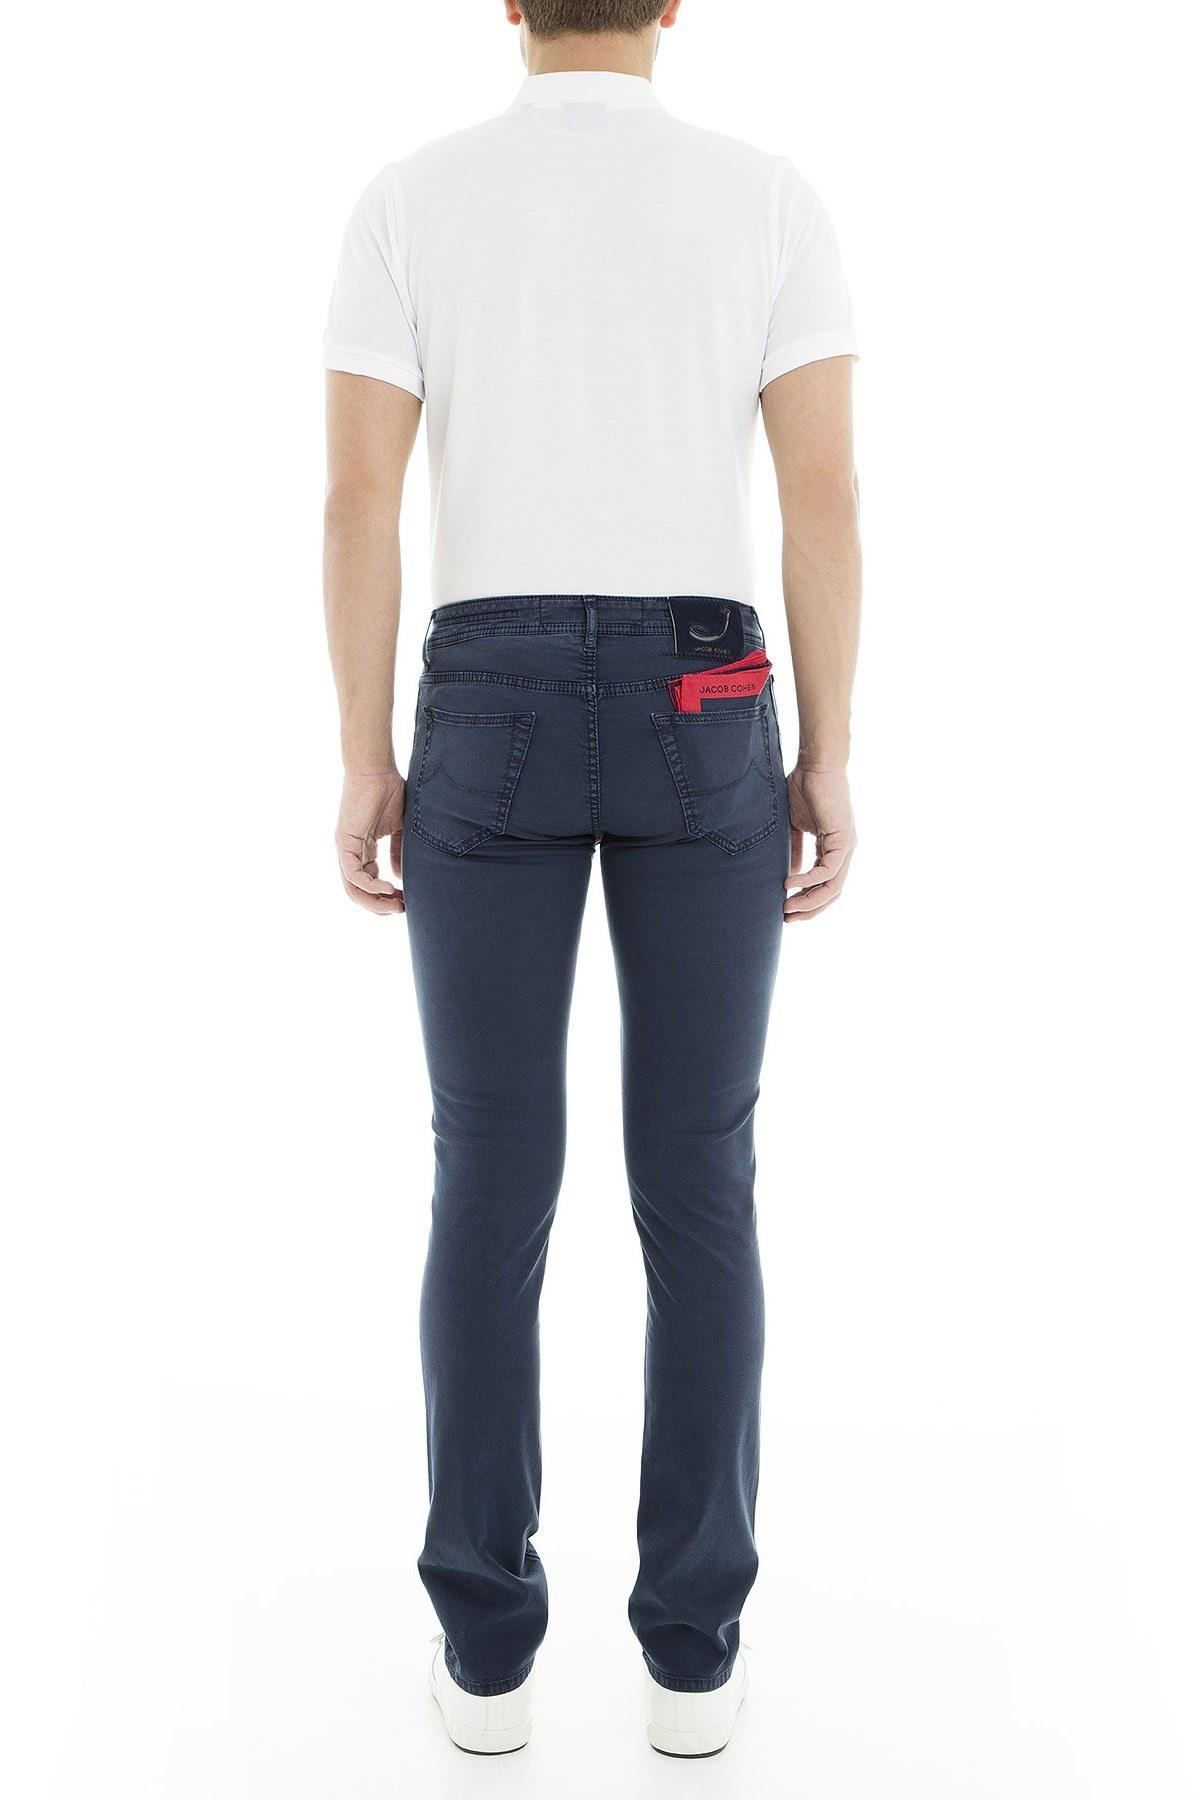 Jacob Cohen Jeans Erkek Pamuklu Pantolon J622566V 866 KOYU LACIVERT